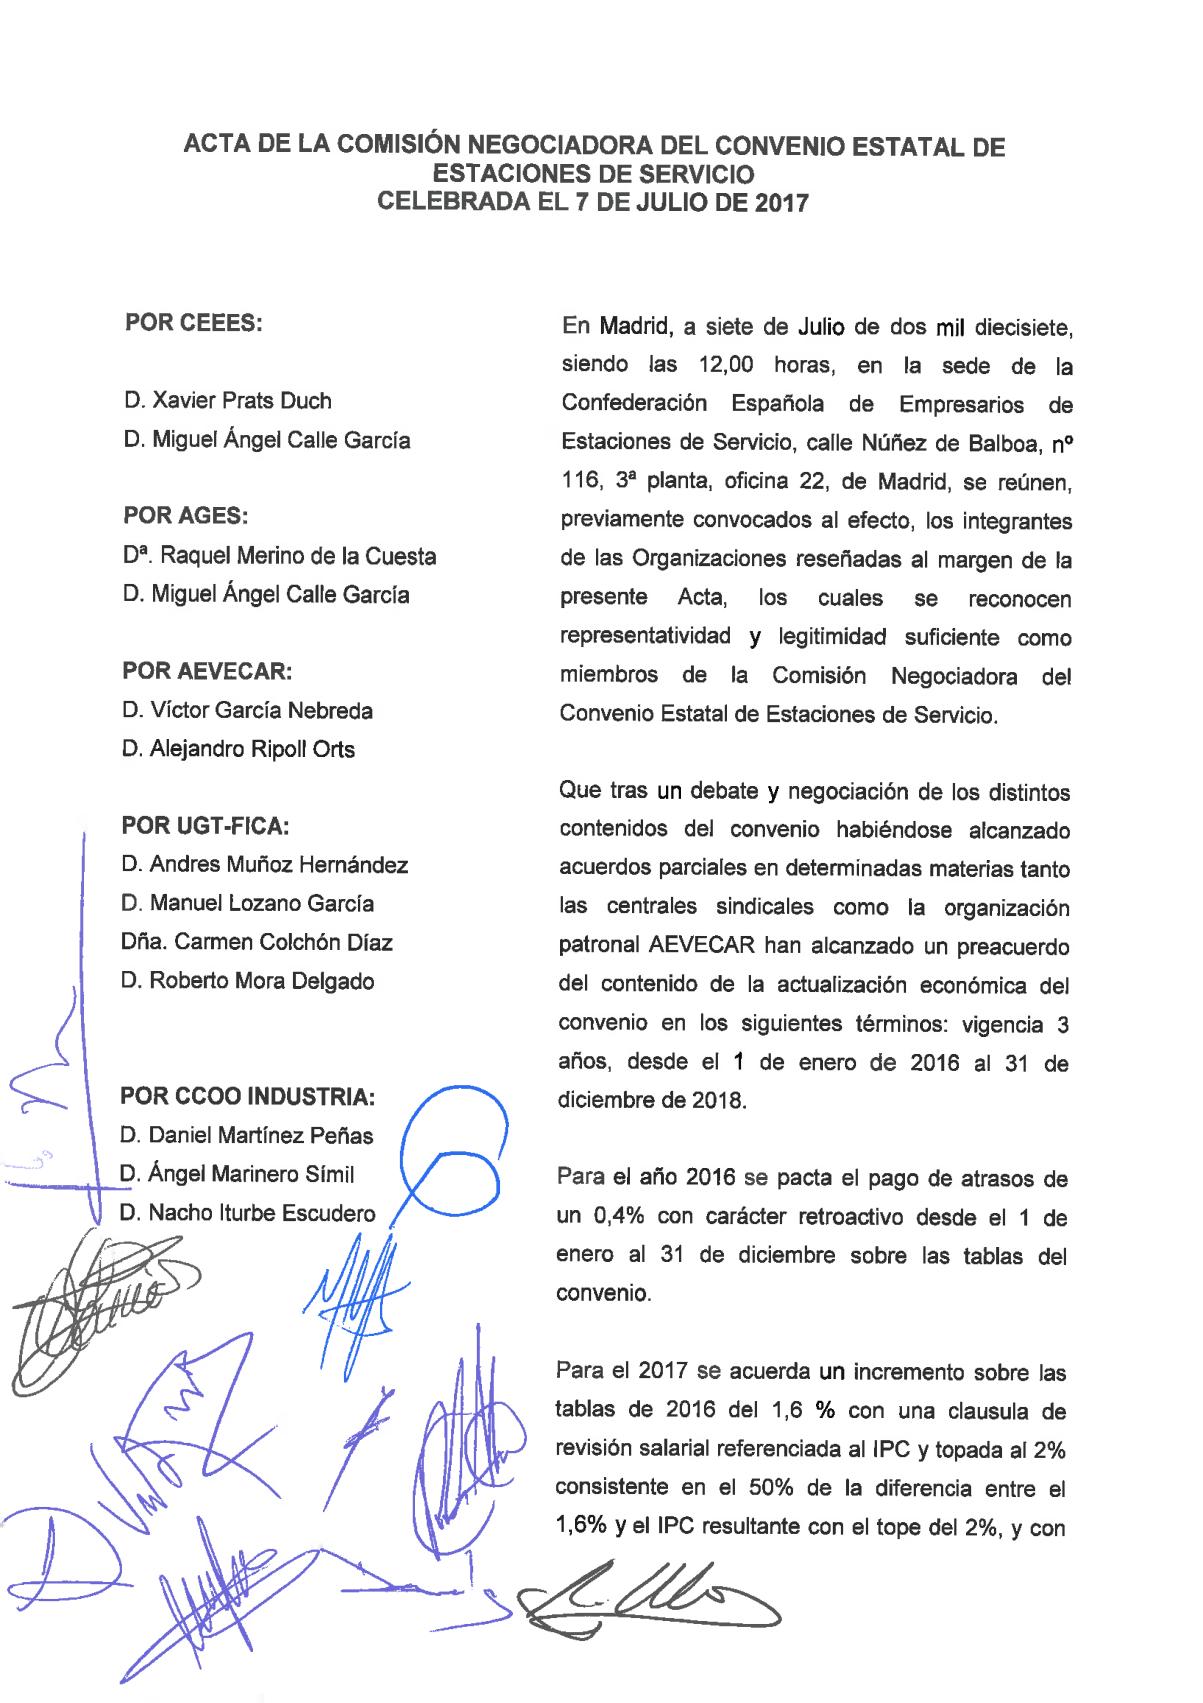 Acta seguimiento convenio estatal 2016 ee ss cedipsa cgt for Convenio jardineria 2016